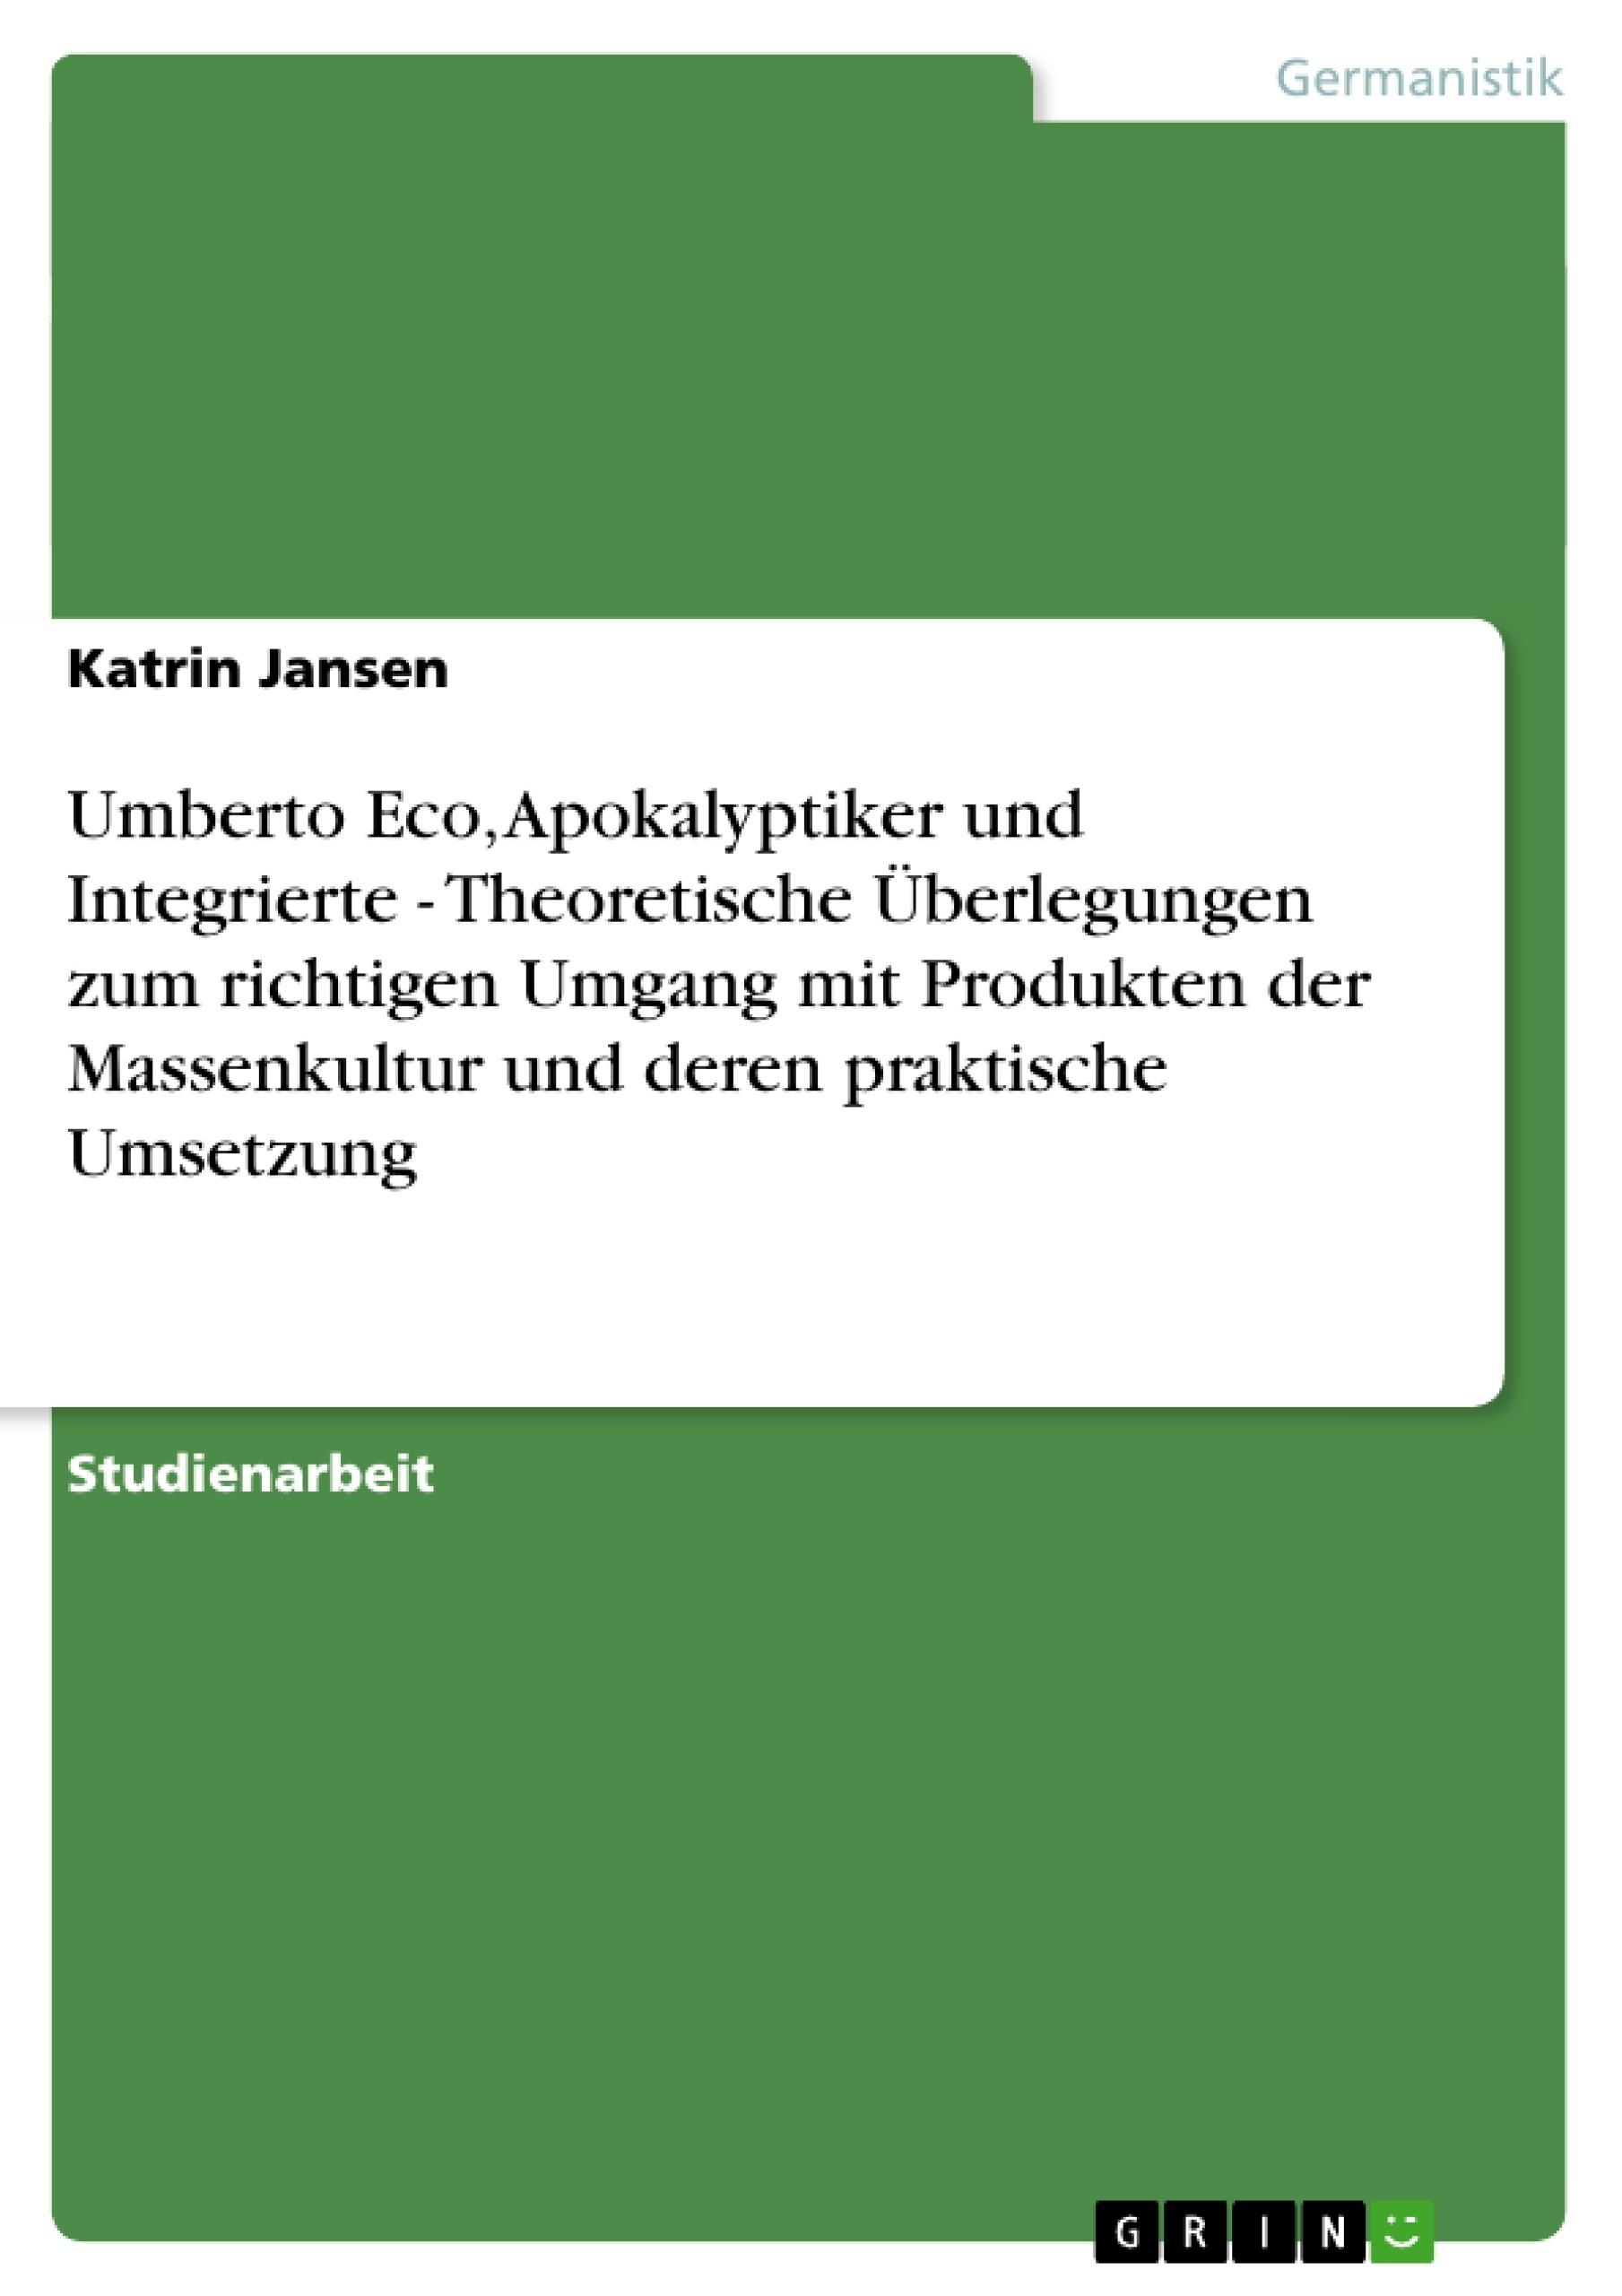 Titel: Umberto Eco, Apokalyptiker und Integrierte - Theoretische Überlegungen zum richtigen Umgang mit Produkten der Massenkultur und deren praktische Umsetzung